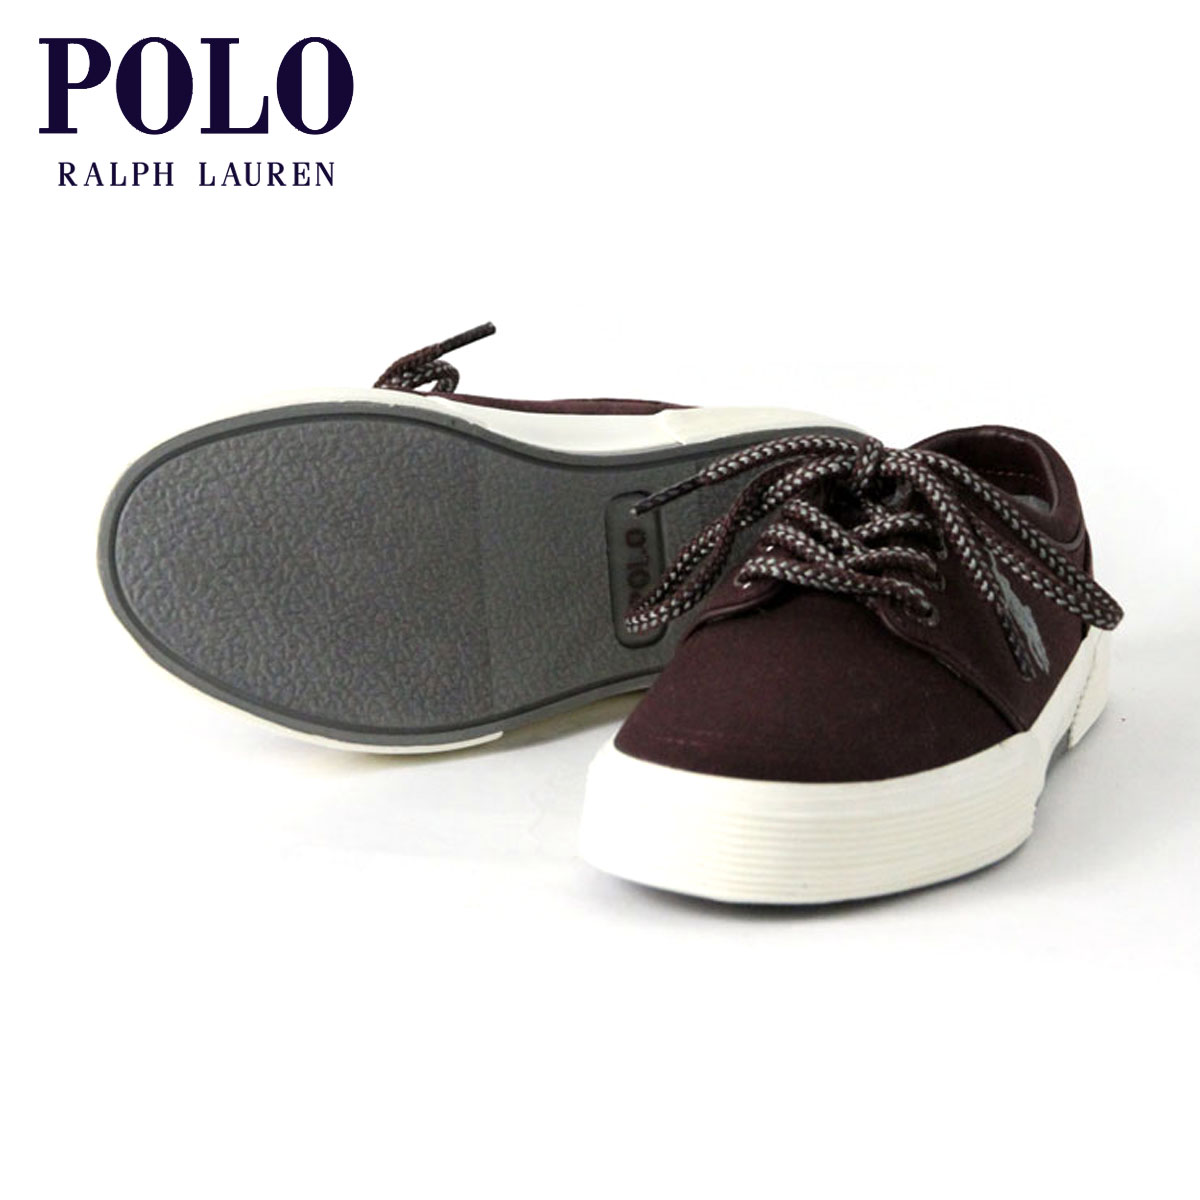 【販売期間 2/19 10:00〜3/2 9:59】 ポロ ラルフローレン POLO RALPH LAUREN 正規品 メンズ 靴 シューズ FAXON CANVAS LOW SNEAKER